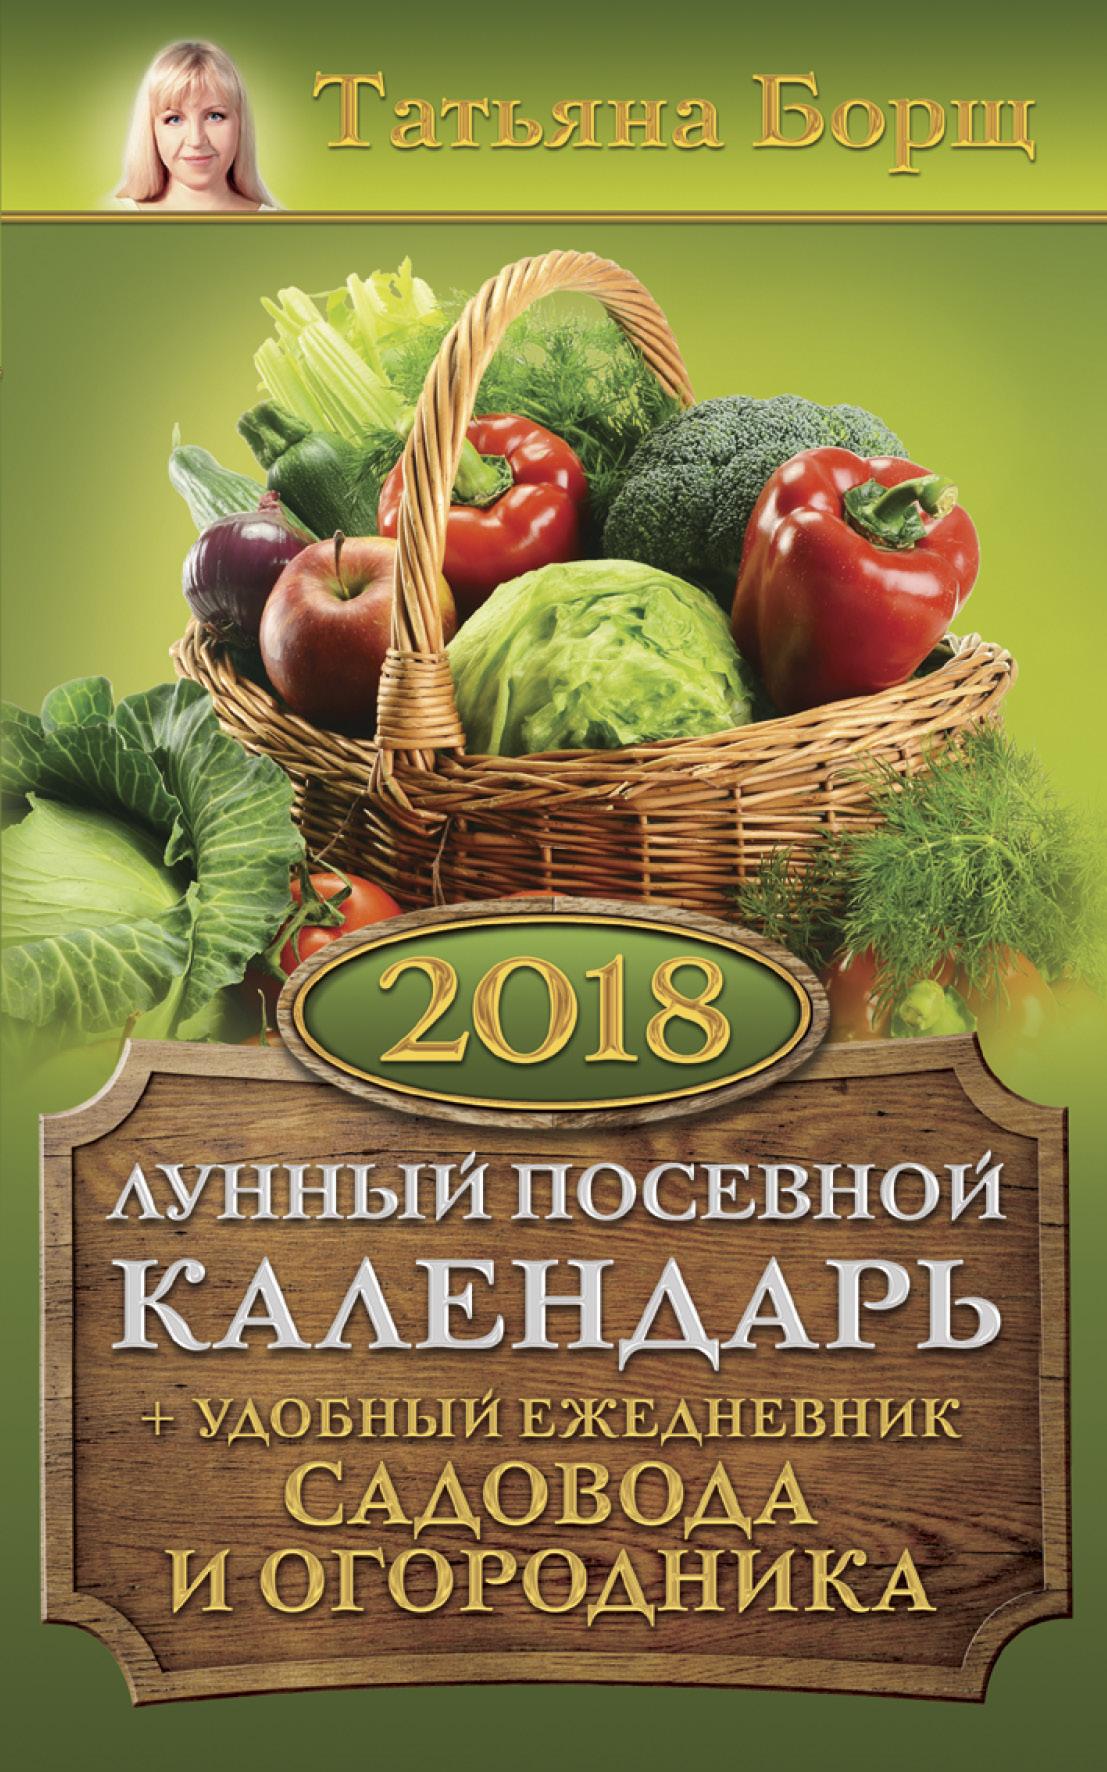 Борщ Татьяна Лунный посевной календарь на 2018 год + удобный ежедневник садовода и огородника